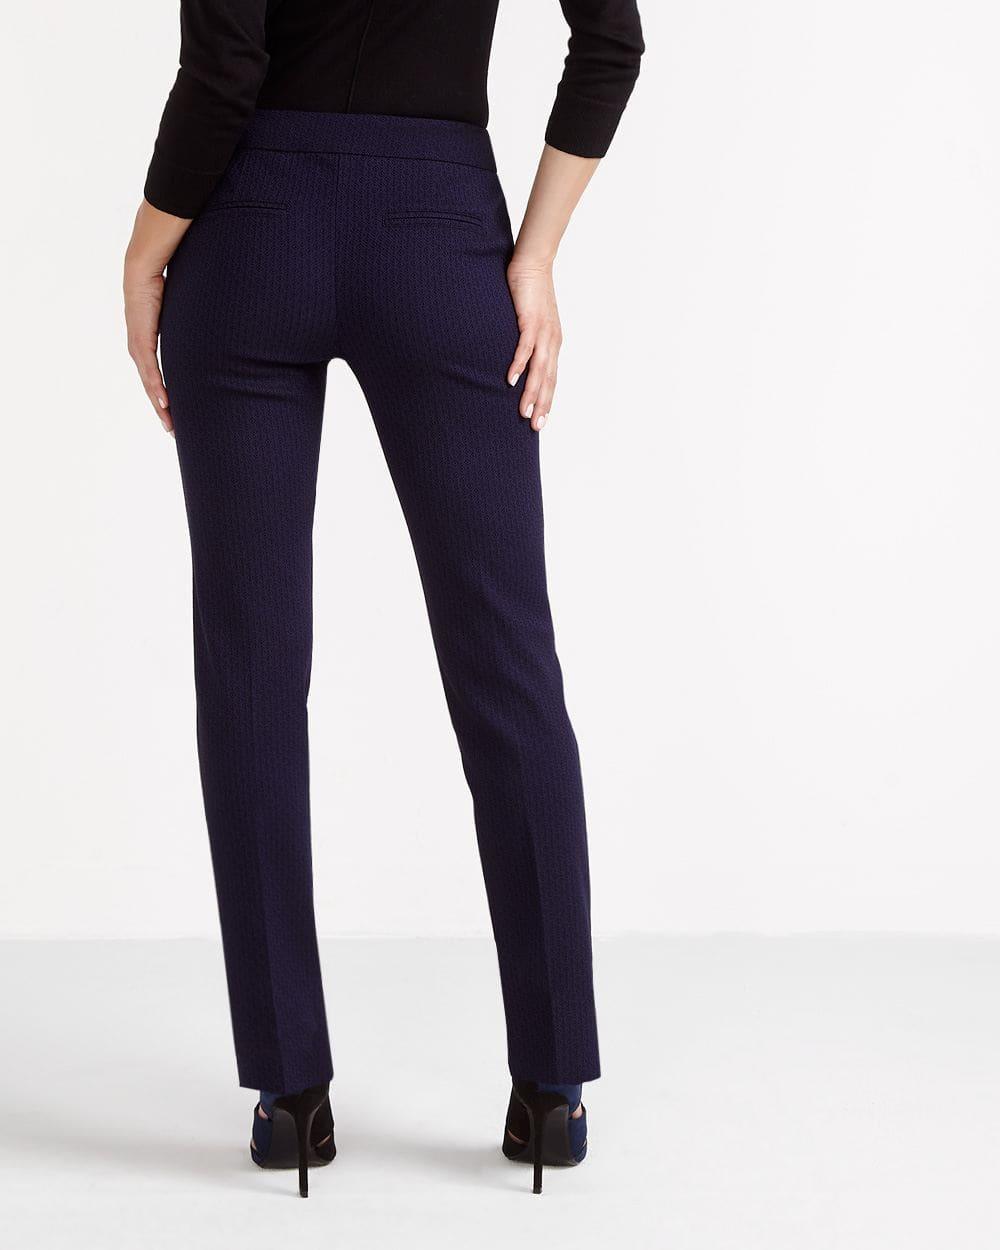 Pantalon imprimé à jambe droite L'Iconique Petites